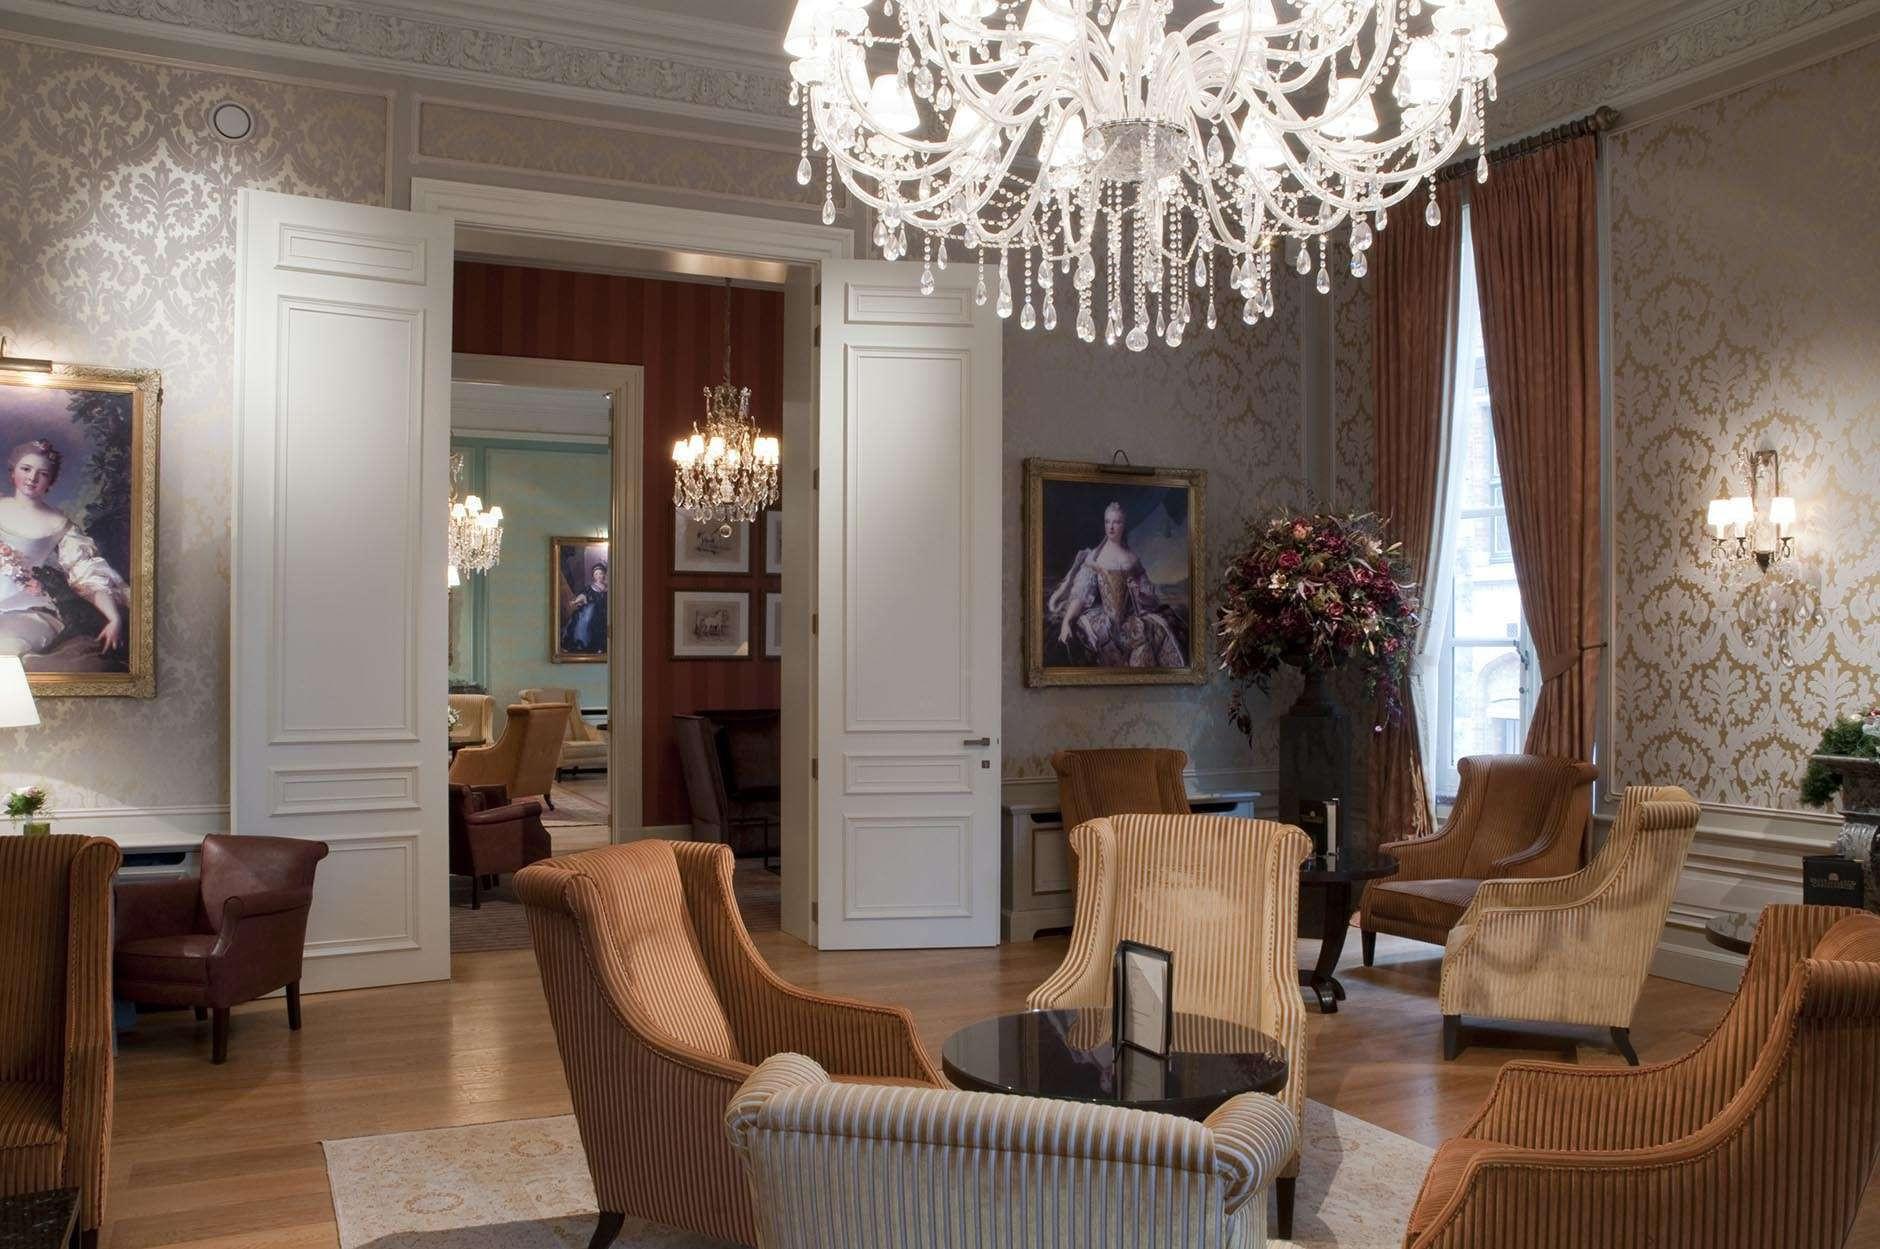 Nordex_Brugge hotel Casselbergh_2